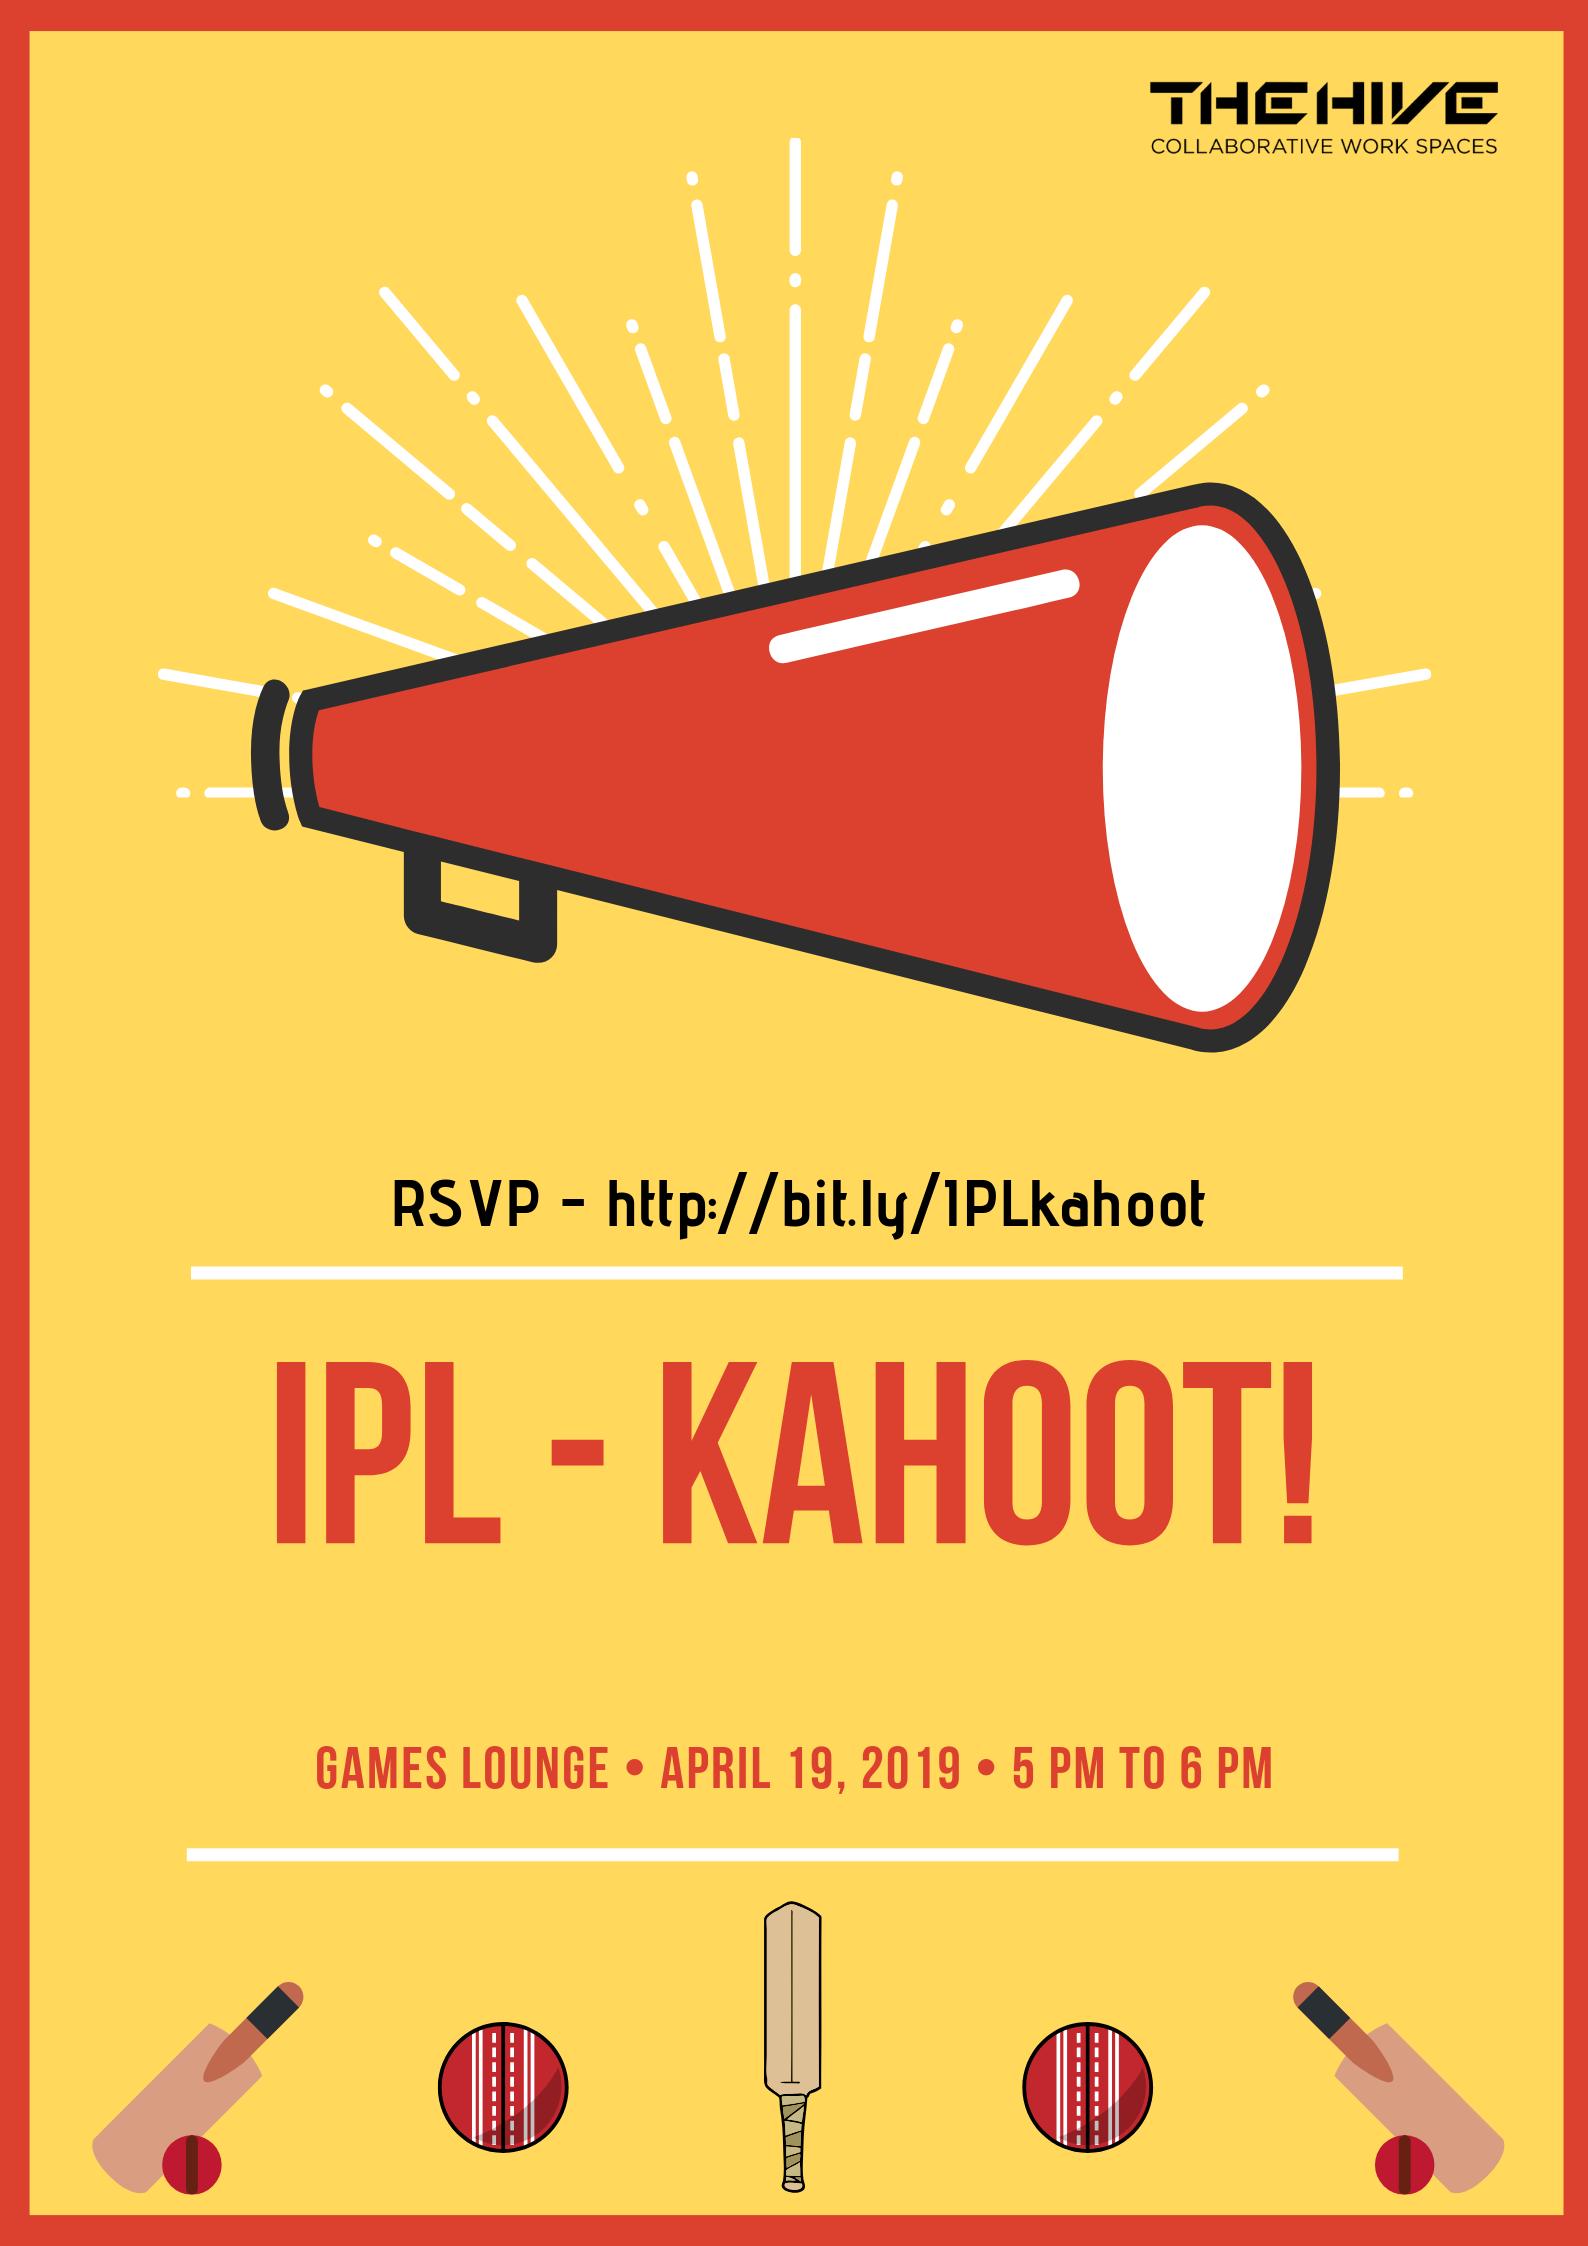 Announcing IPL - Kahoot!-2.png